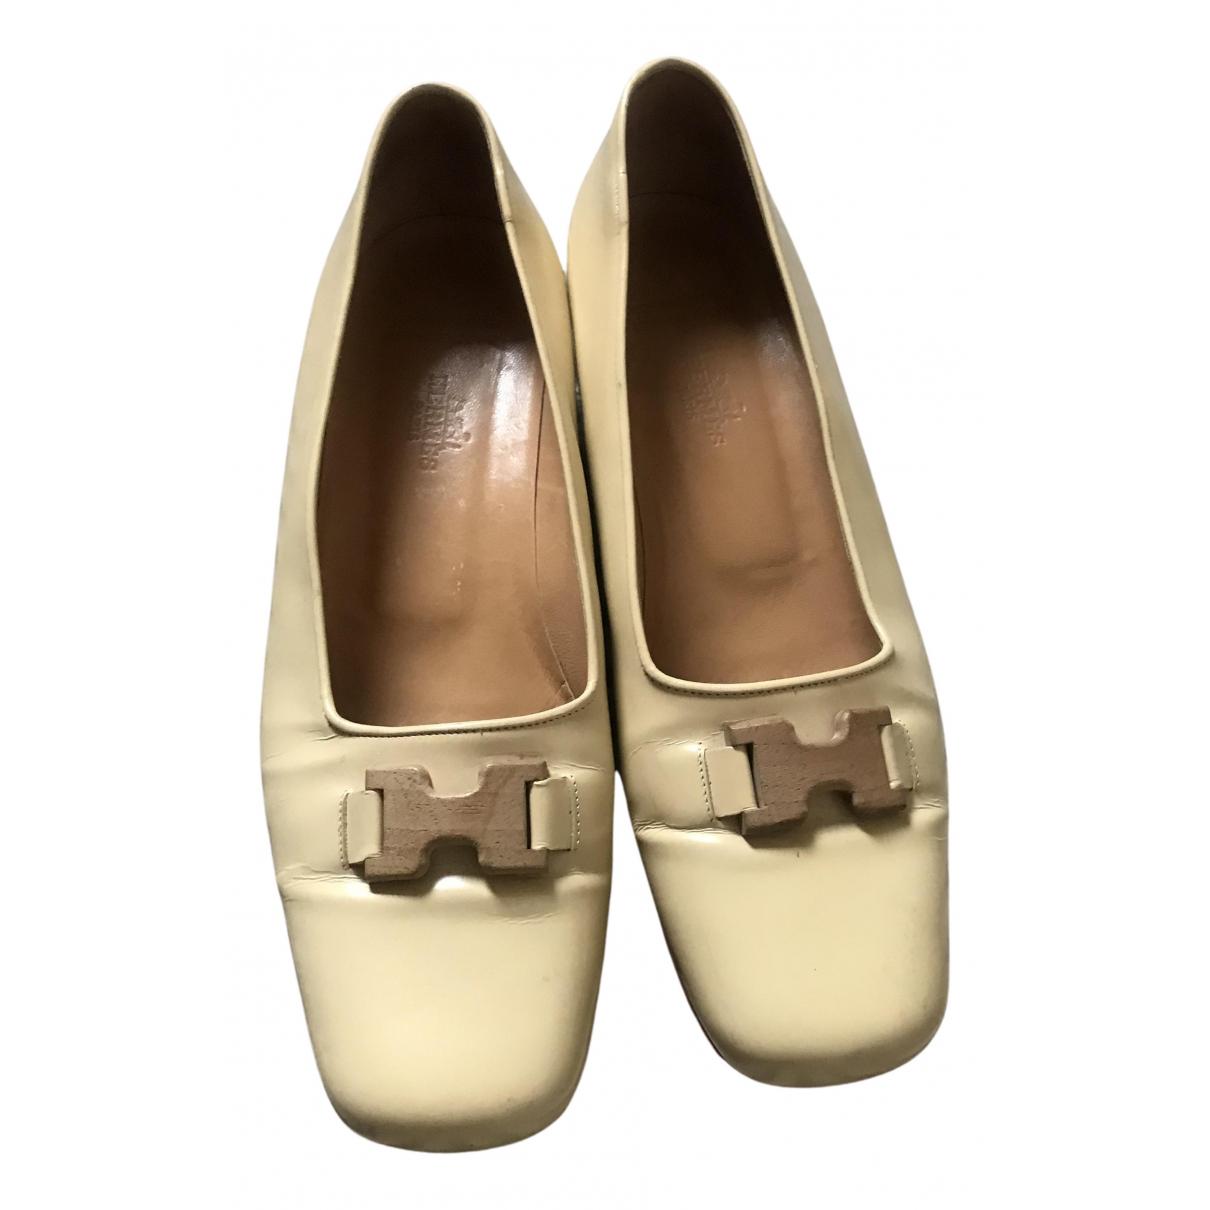 Hermes - Ballerines   pour femme en cuir - beige